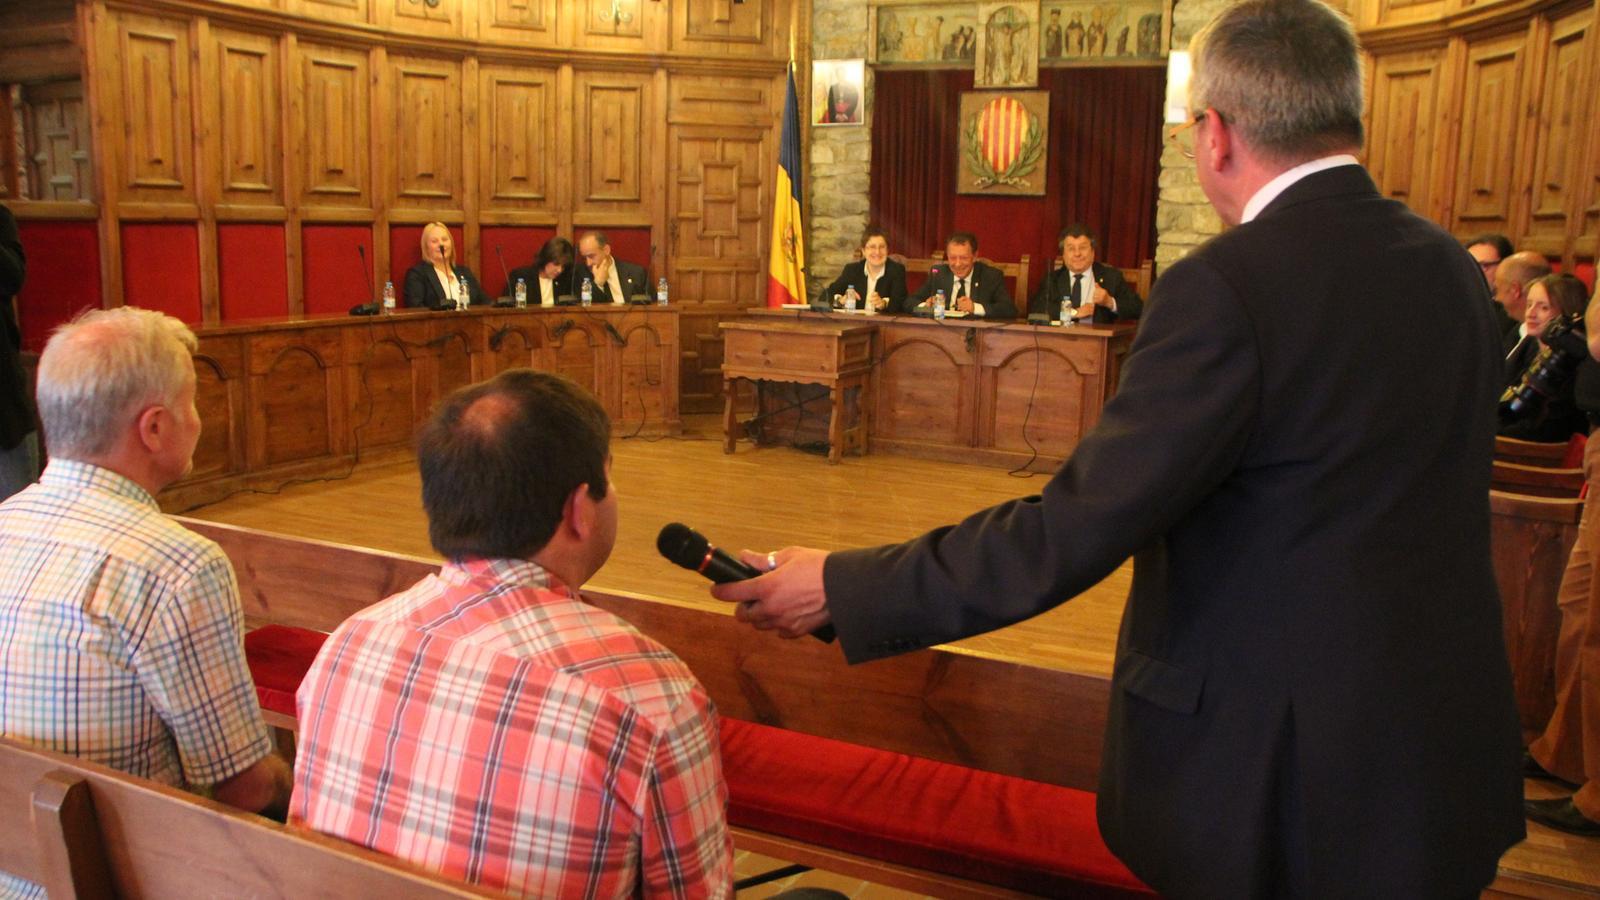 Un moment de la sessió de Consell de Comú celebrada aquest dimecres a la tarda / S.F.